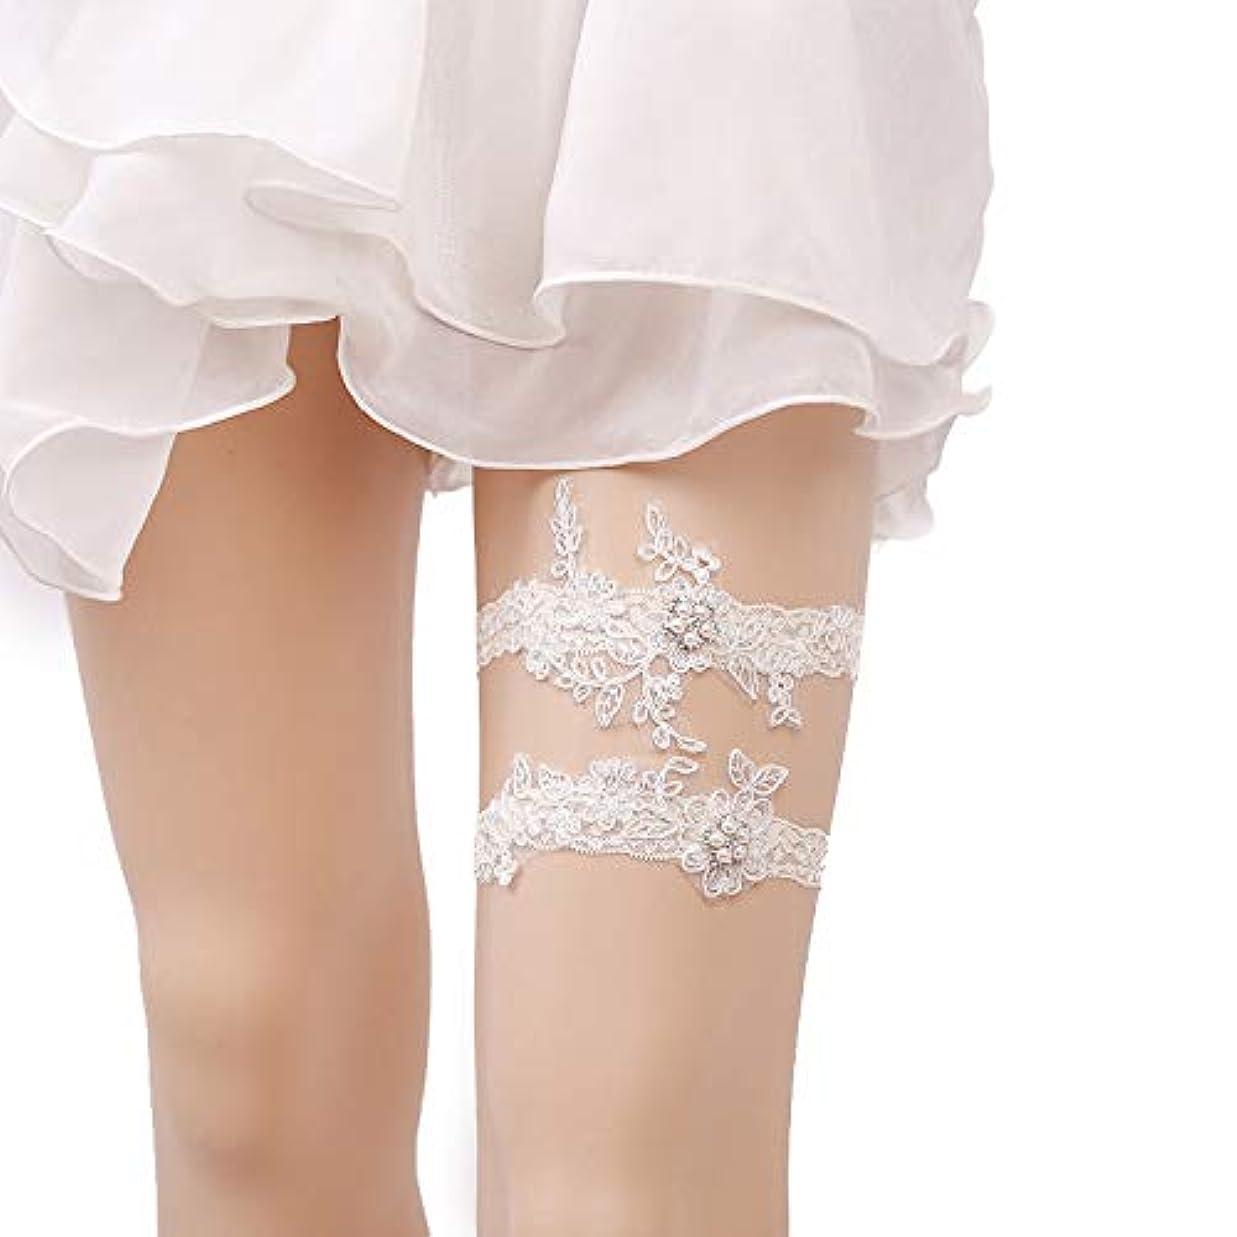 冷淡な実験をするジョリー女性のための花嫁のための女性の結婚式のファッションガーターハンドメイドのレースの花のガーター (白)